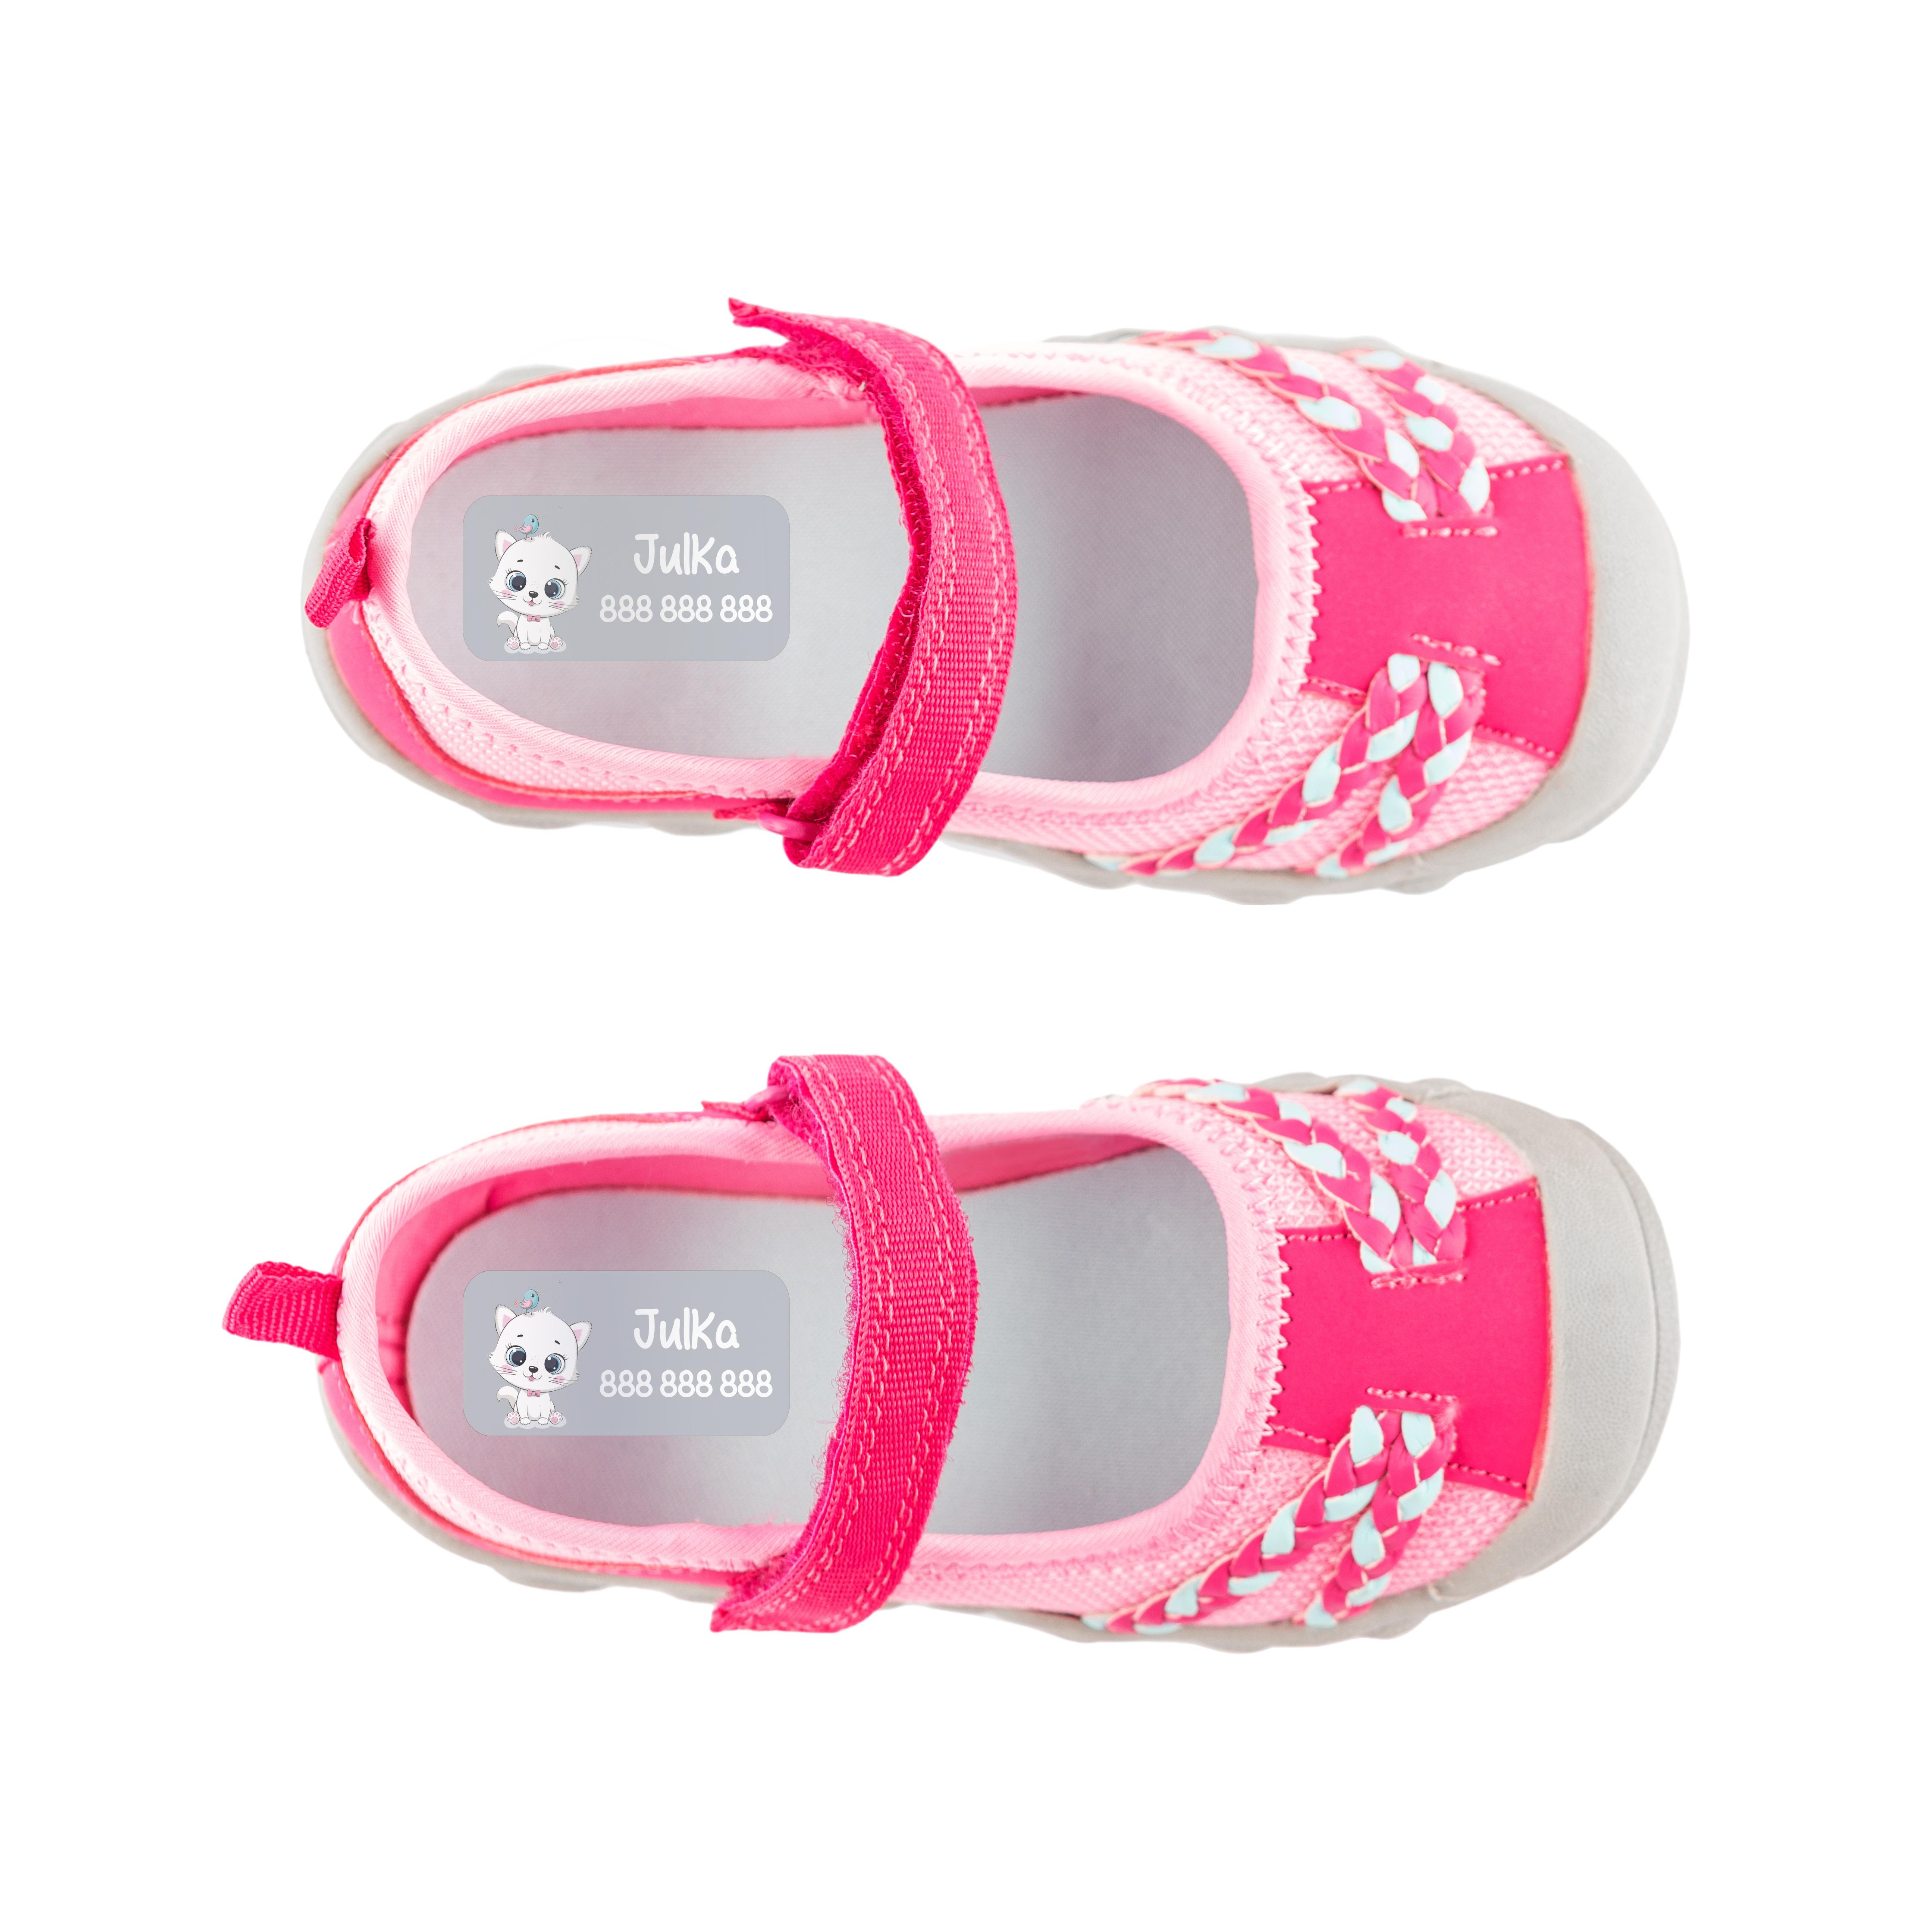 Naklejki imienne do butów imienniki metki na buty obuwie do dzieci kotek